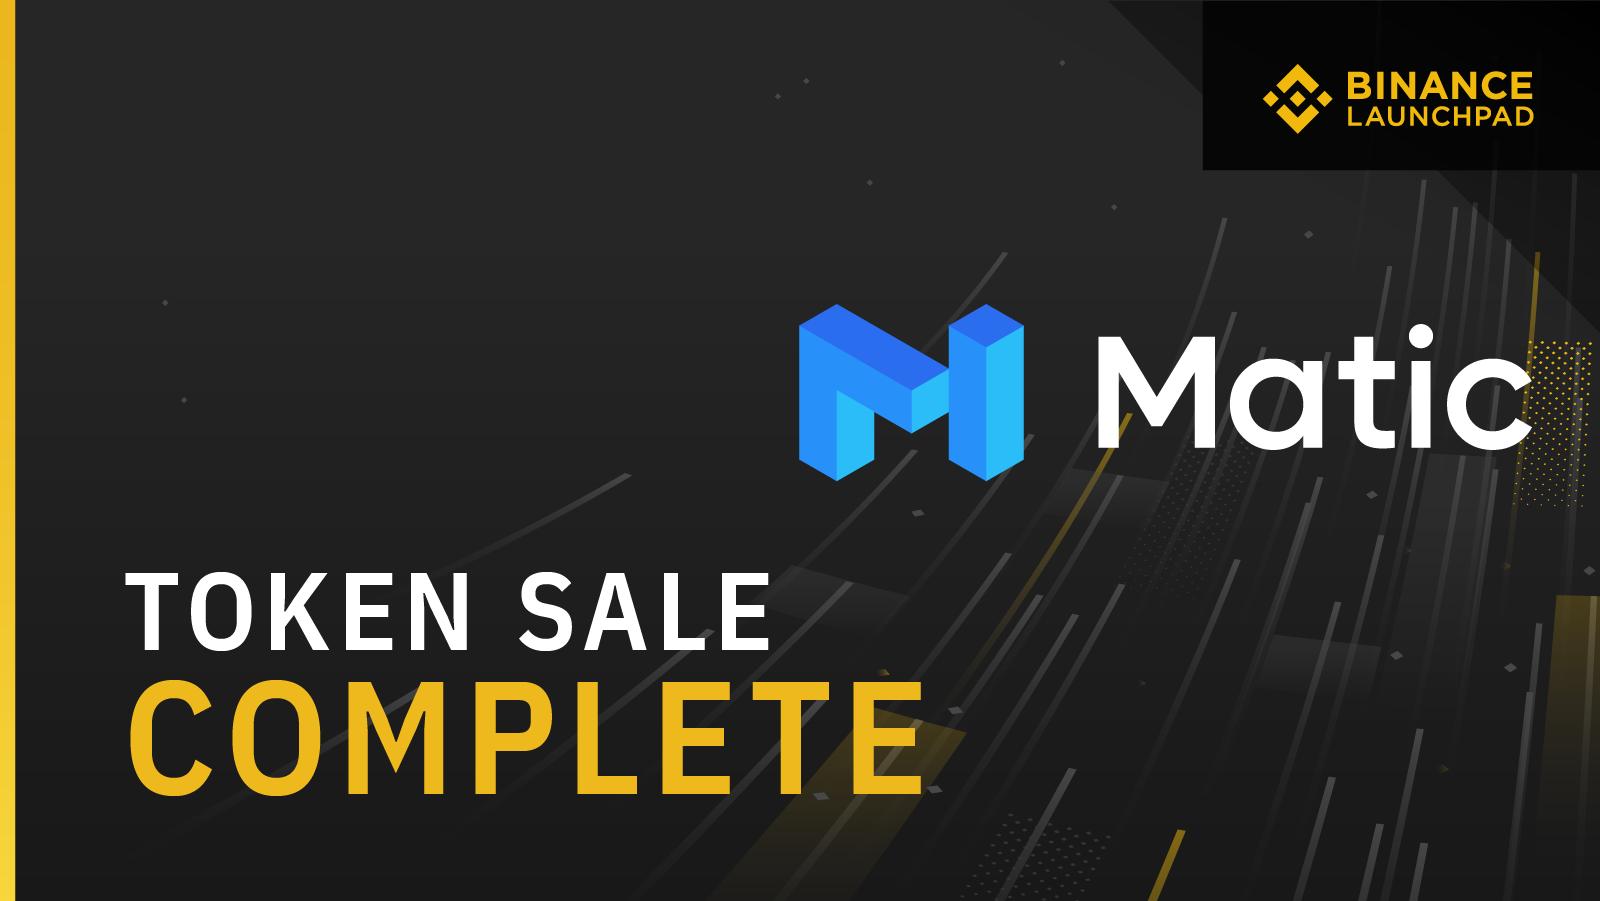 Binance Launchpad: Matic Token Sale Results | Binance Blog